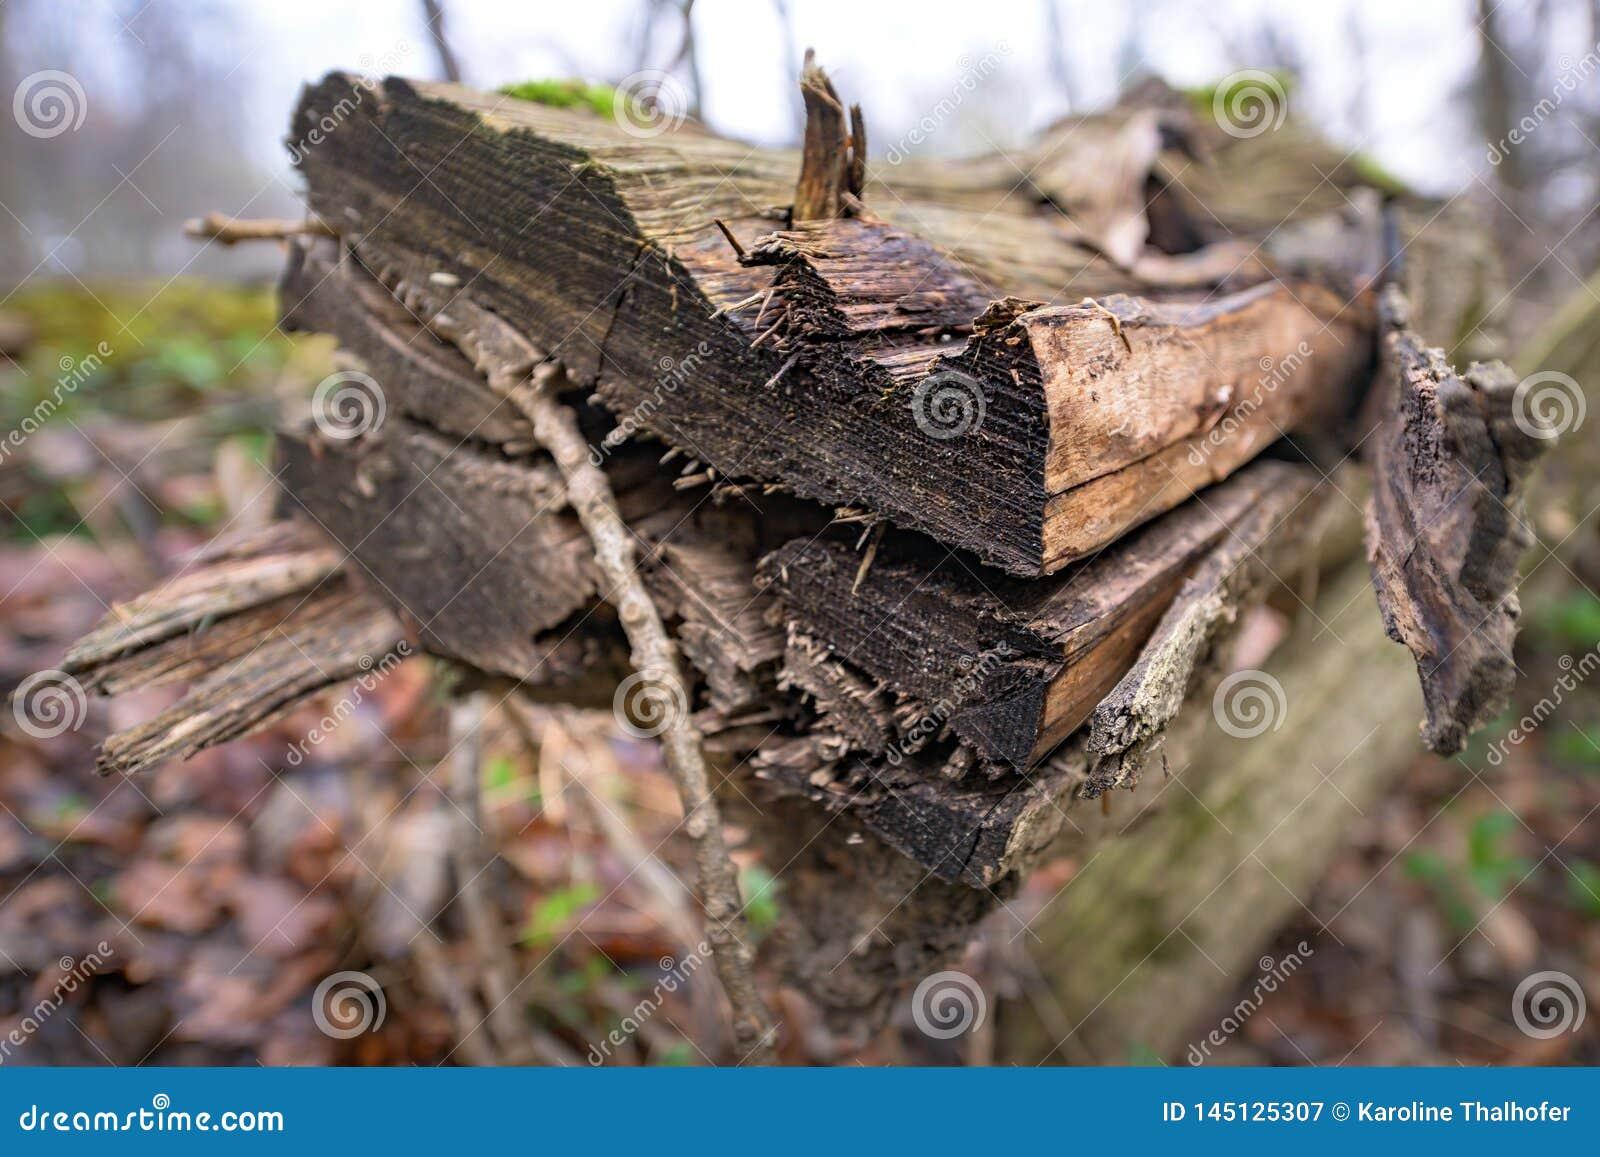 Hábitat natural para los insectos en el bosque por la mañana Madera putrefacta como protección para preservar biodiversidad